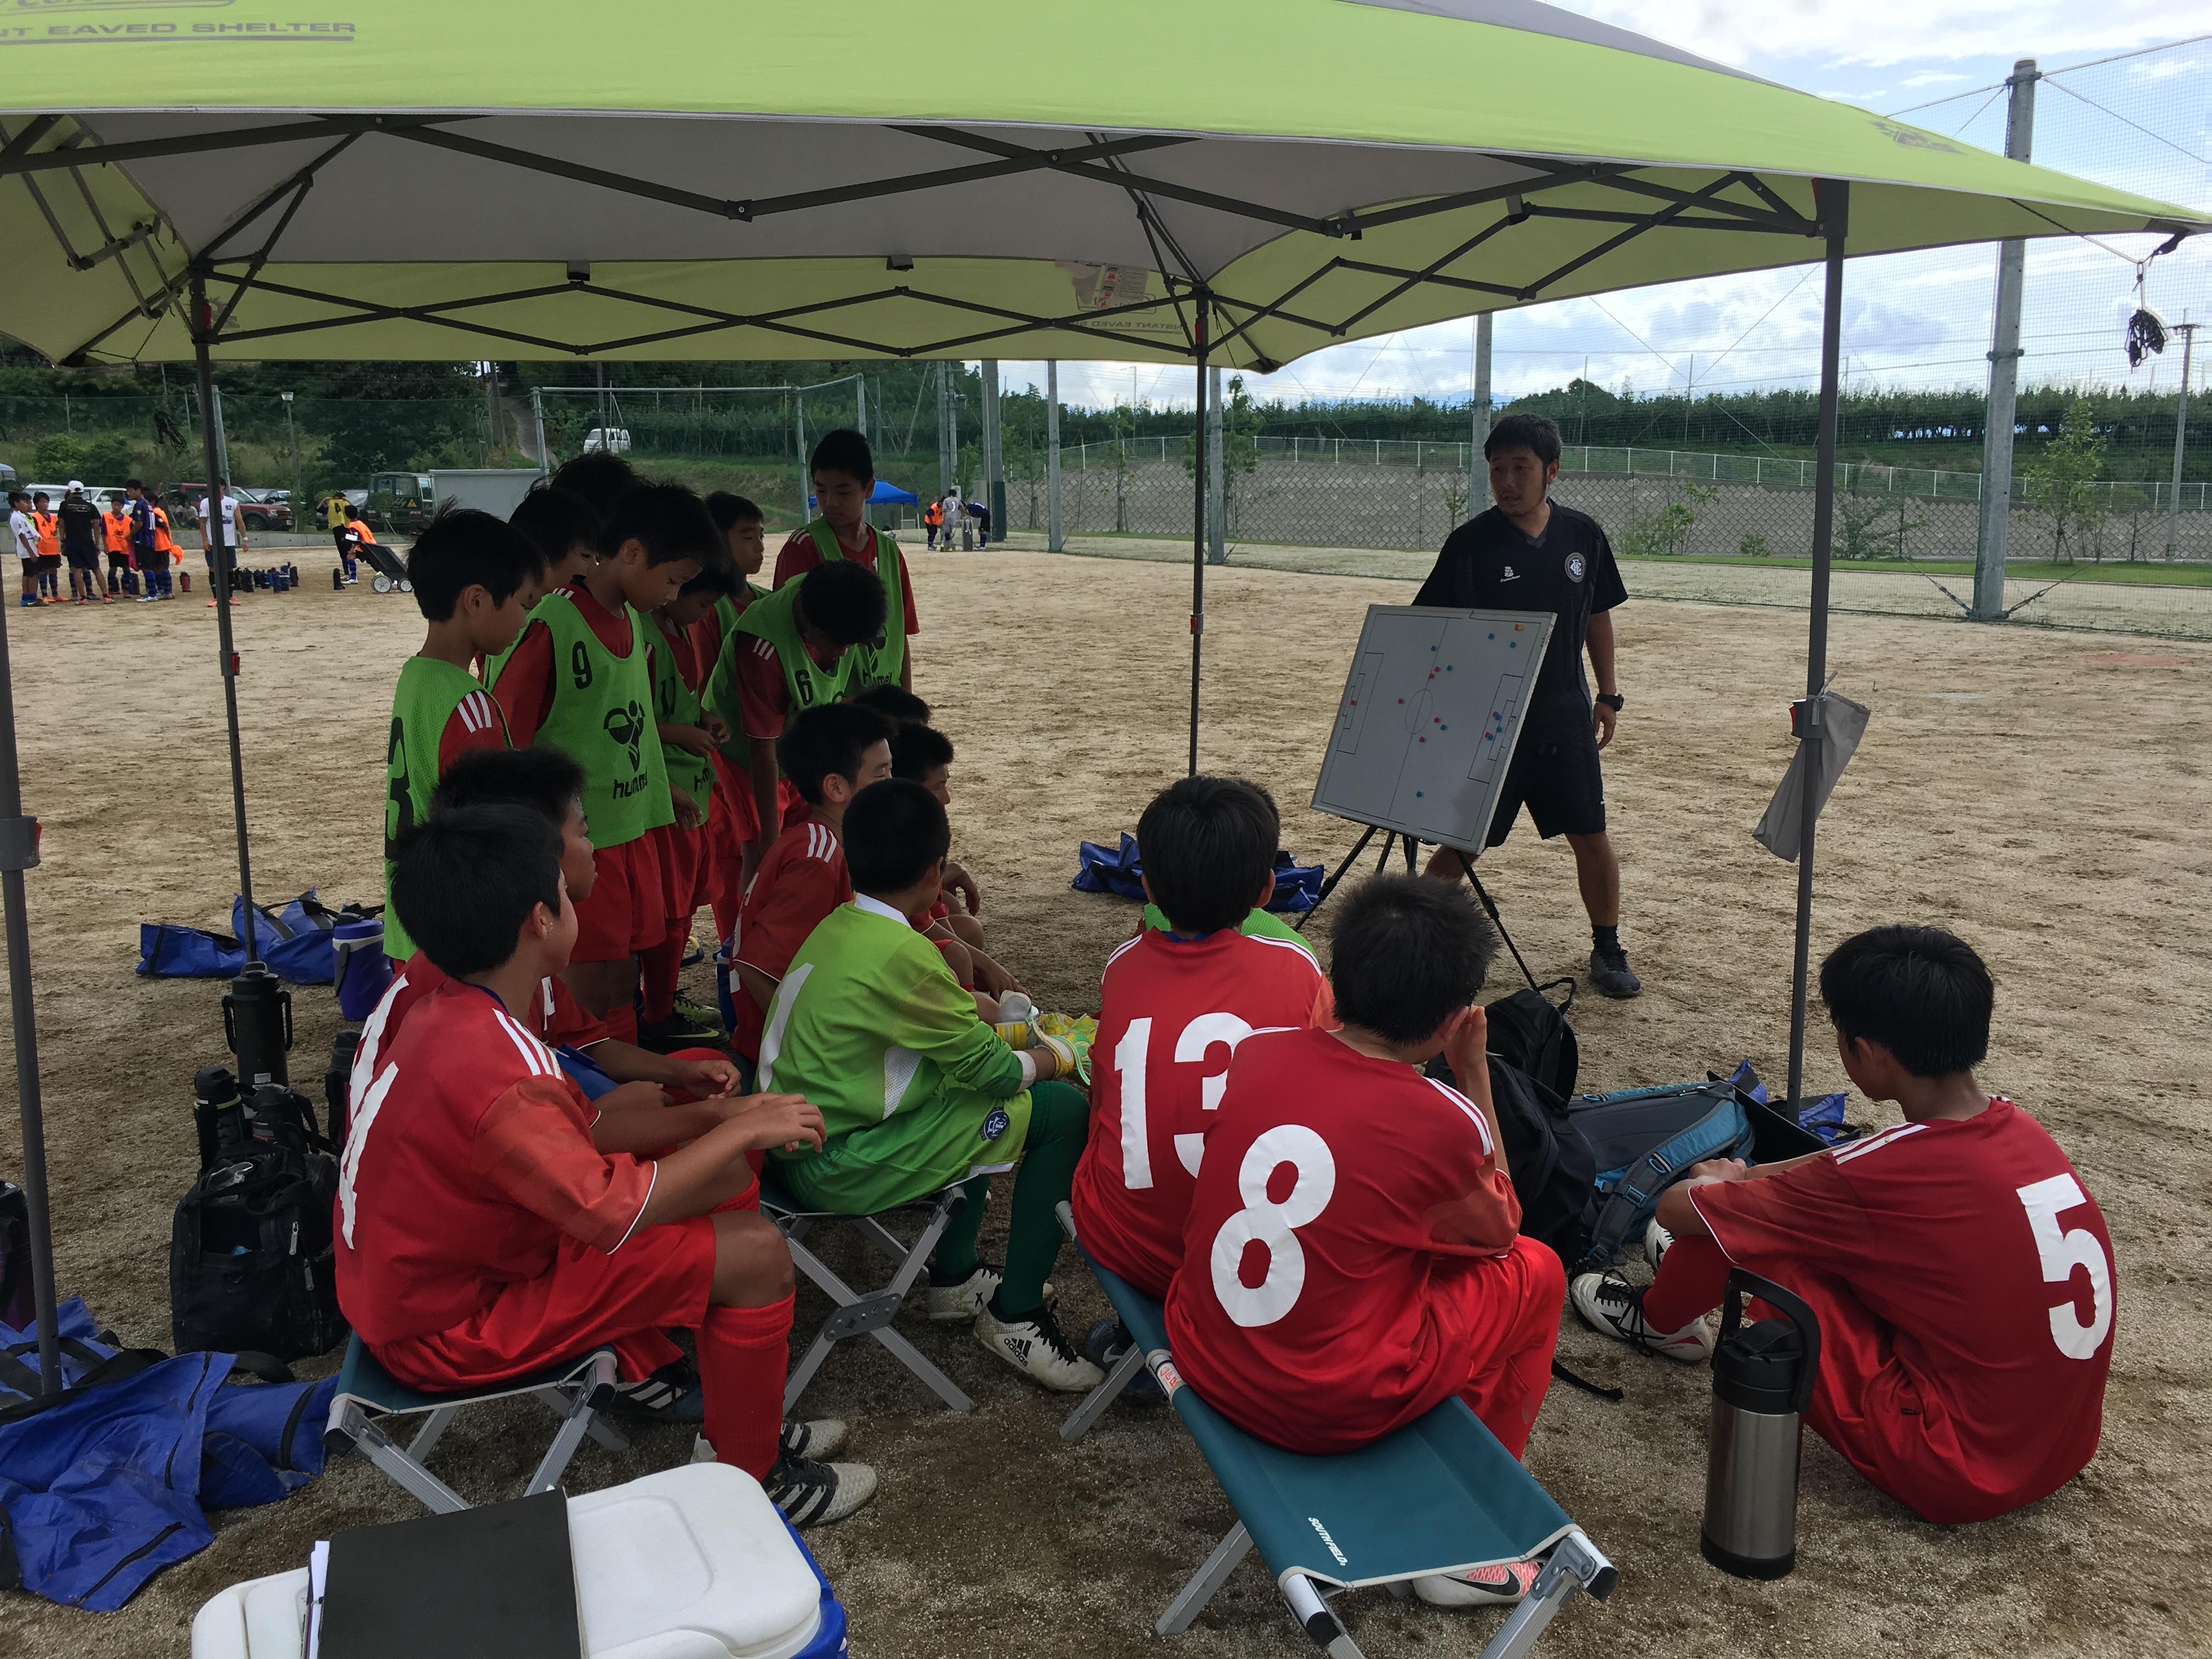 保護者のための【2分でわかるサッカーのルール】-11人制と8人制の違い-